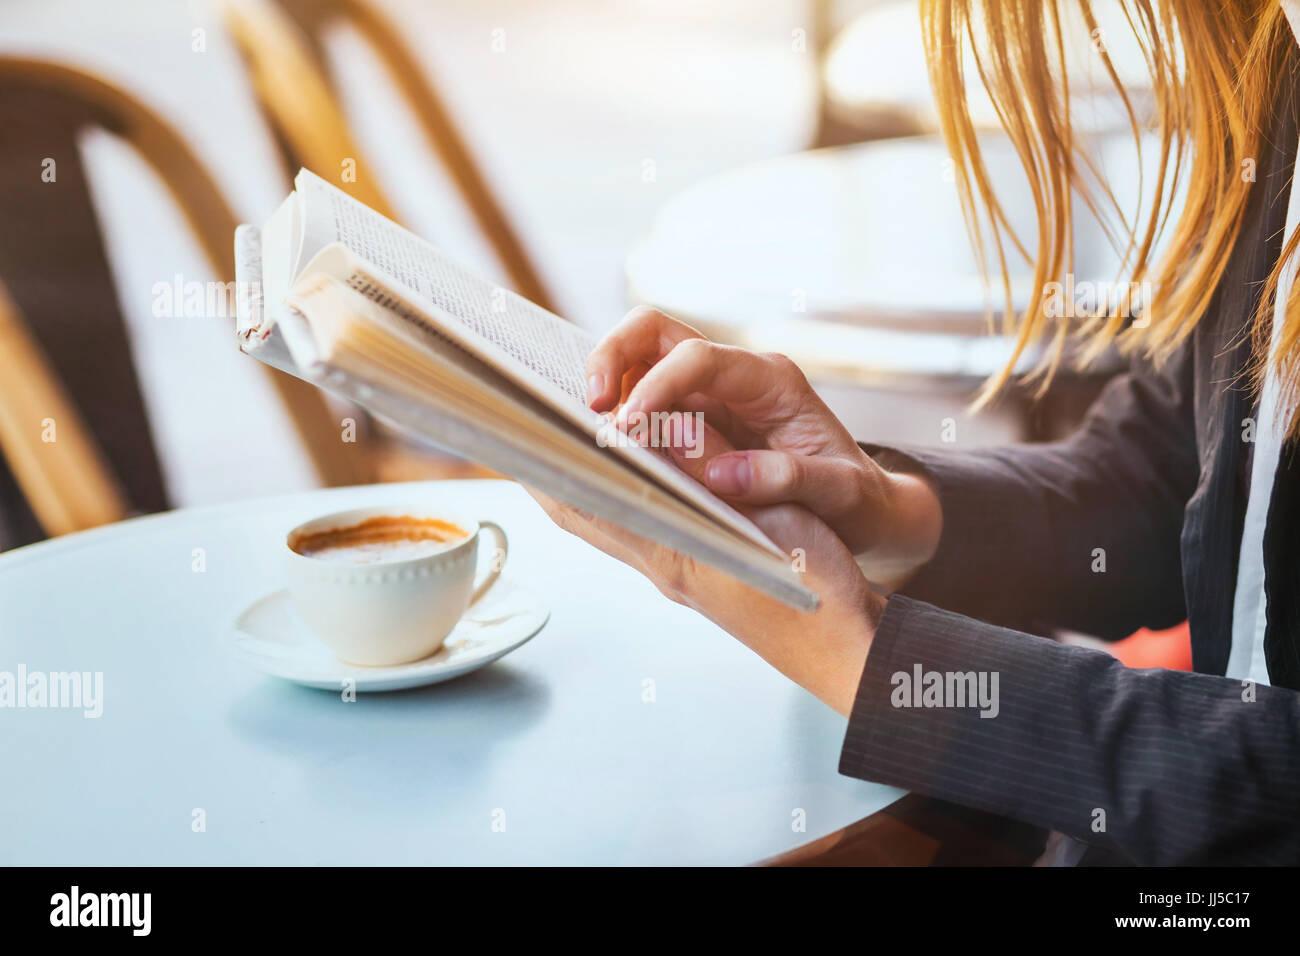 Concepto de lectura, cierre de mujer manos sosteniendo un libro Imagen De Stock